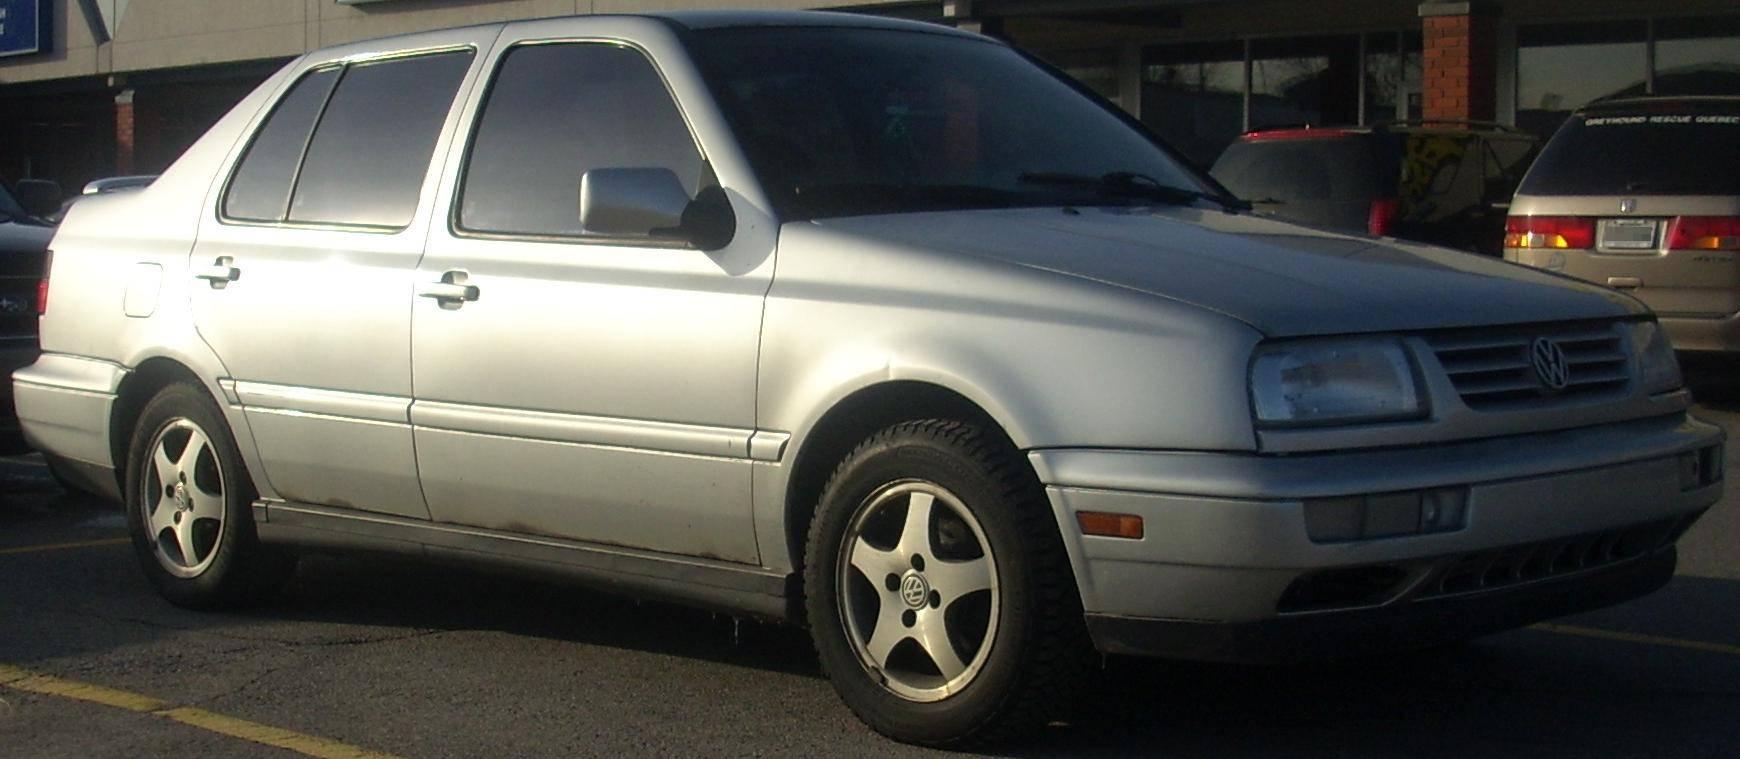 v6 sedans with manual transmission